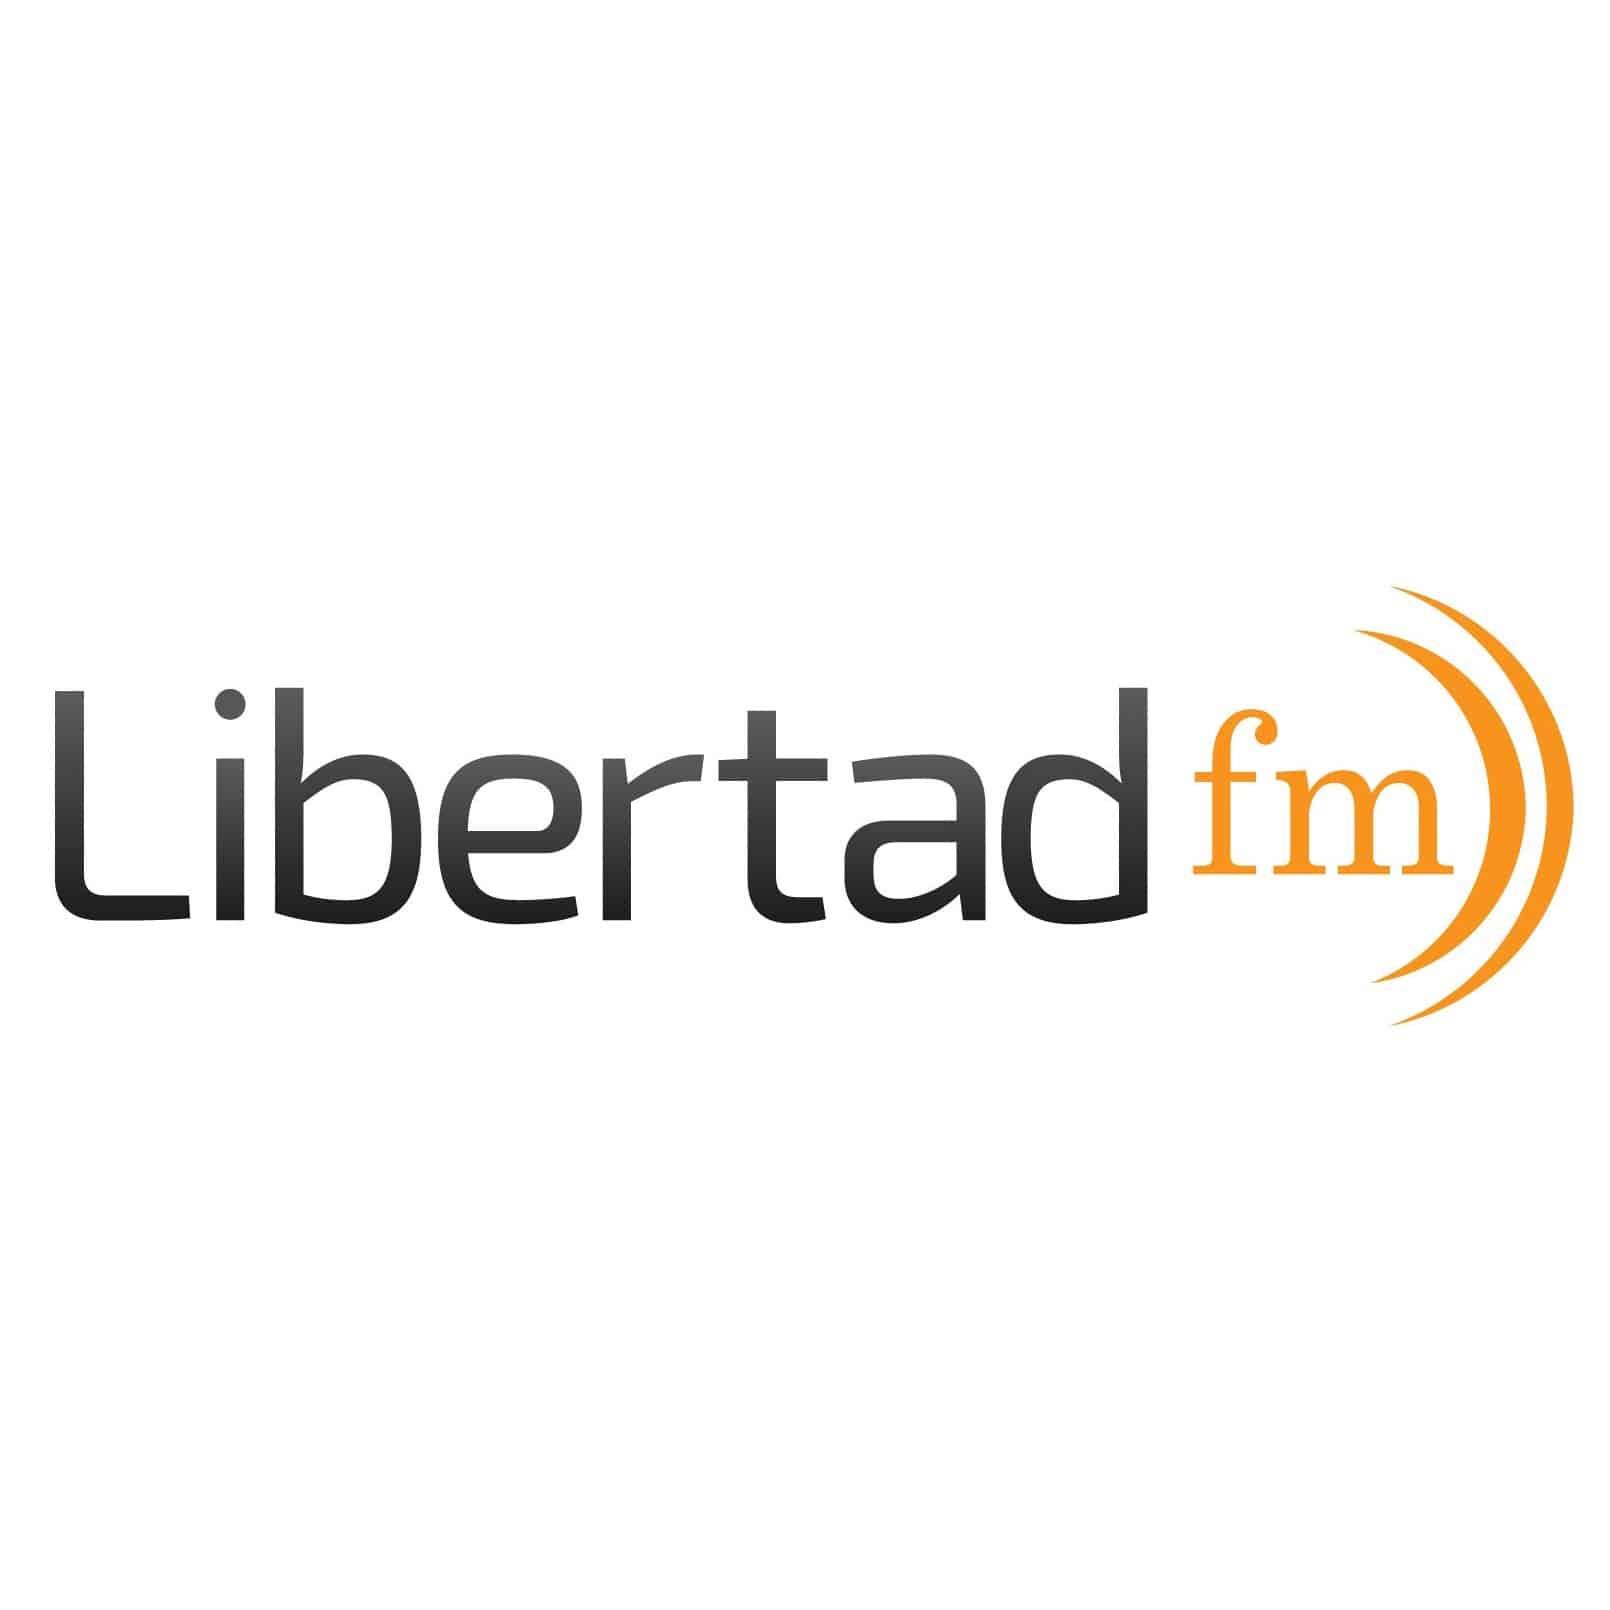 libertad fm - Caligrama Comunicación